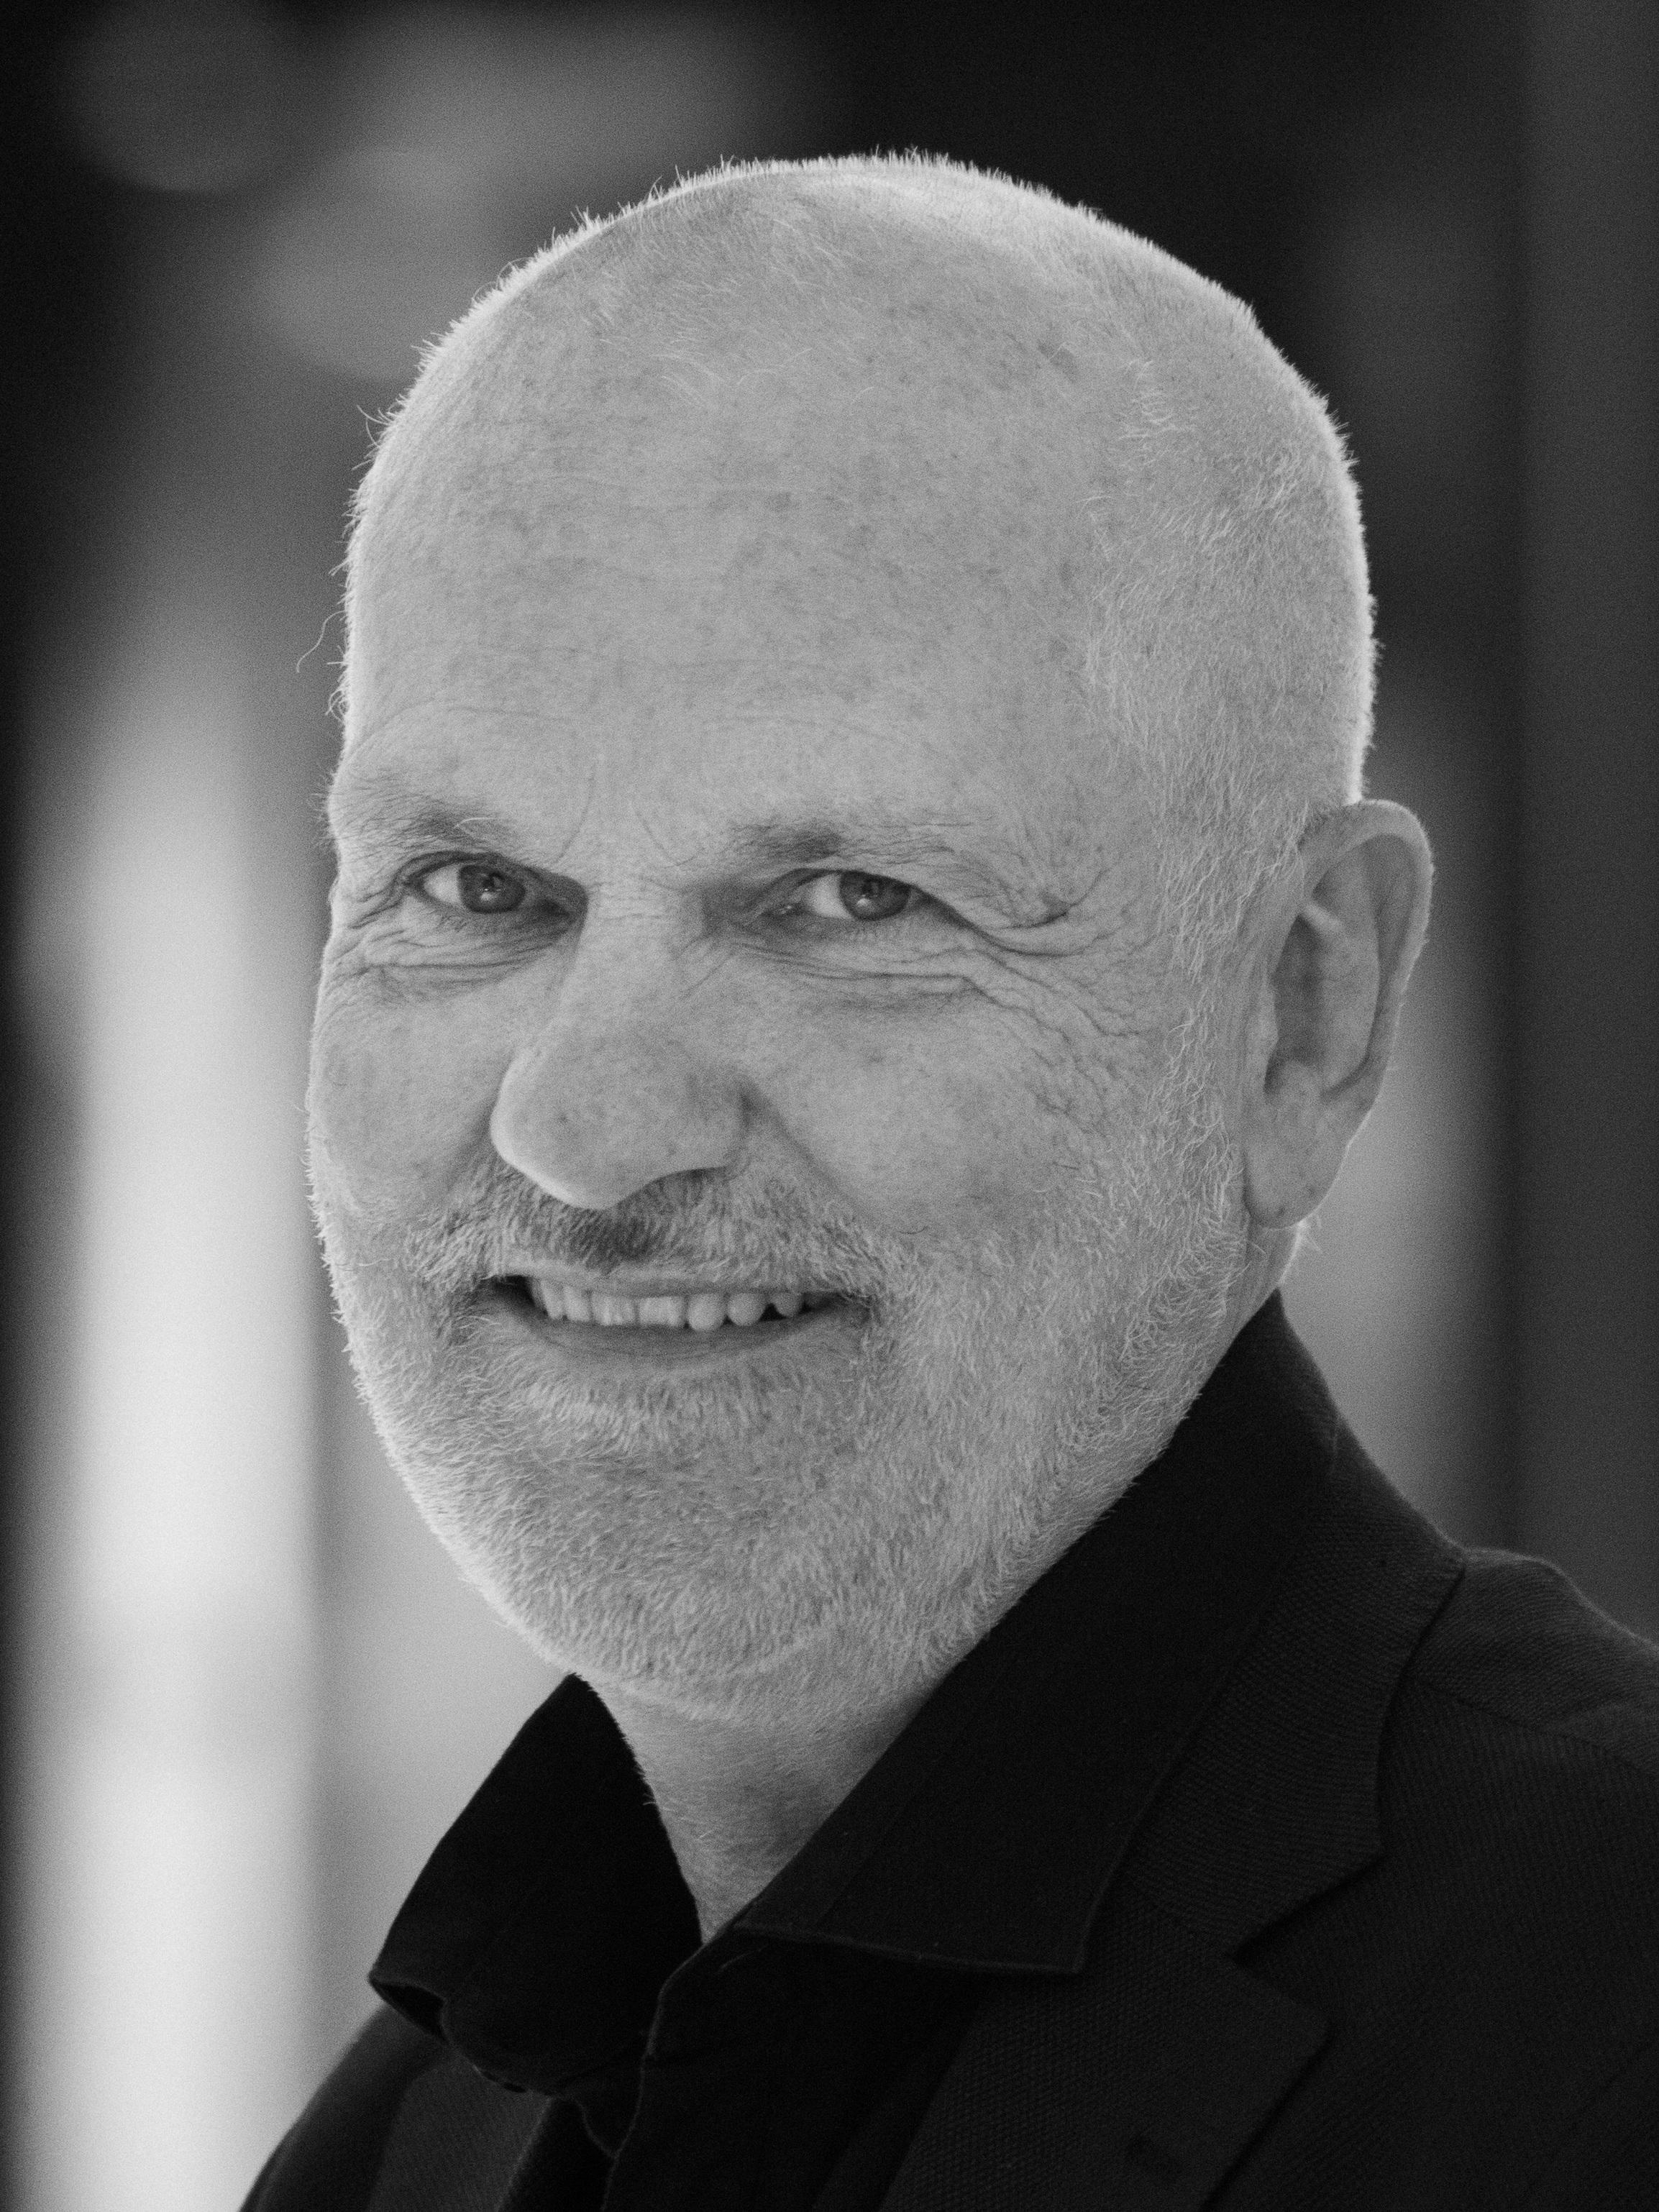 Hans Abrahamsen - Hans Abrahamsen er styreleder i Fotografihuset AS. Han arbeider daglig med gründerselskap, der han til daglig er styreleder i Oslo House og CEO i kunstselskapet Locarto. Han holder også foredrag om endringsledelse blant annet på Universitetet i Stavanger. Han er utdannet cand. real. ved Universitetet i Oslo. De siste 25 år har han vært CEO i Skretting AS (og vært en del av ledergruppen i Nutreco Aqua i Holland), CEO Stavanger Aftenblad AS (sittet i ledergruppen i Schibsted Norge) og konsernsjef i Kverneland Bil AS. Han er fortointeressert og var i sin tid fotograf i Universitas (i studietiden). Han har også ledelseskurs fra Solstrand og fra Insead i Sveits. (Foto: Roar Vestad)